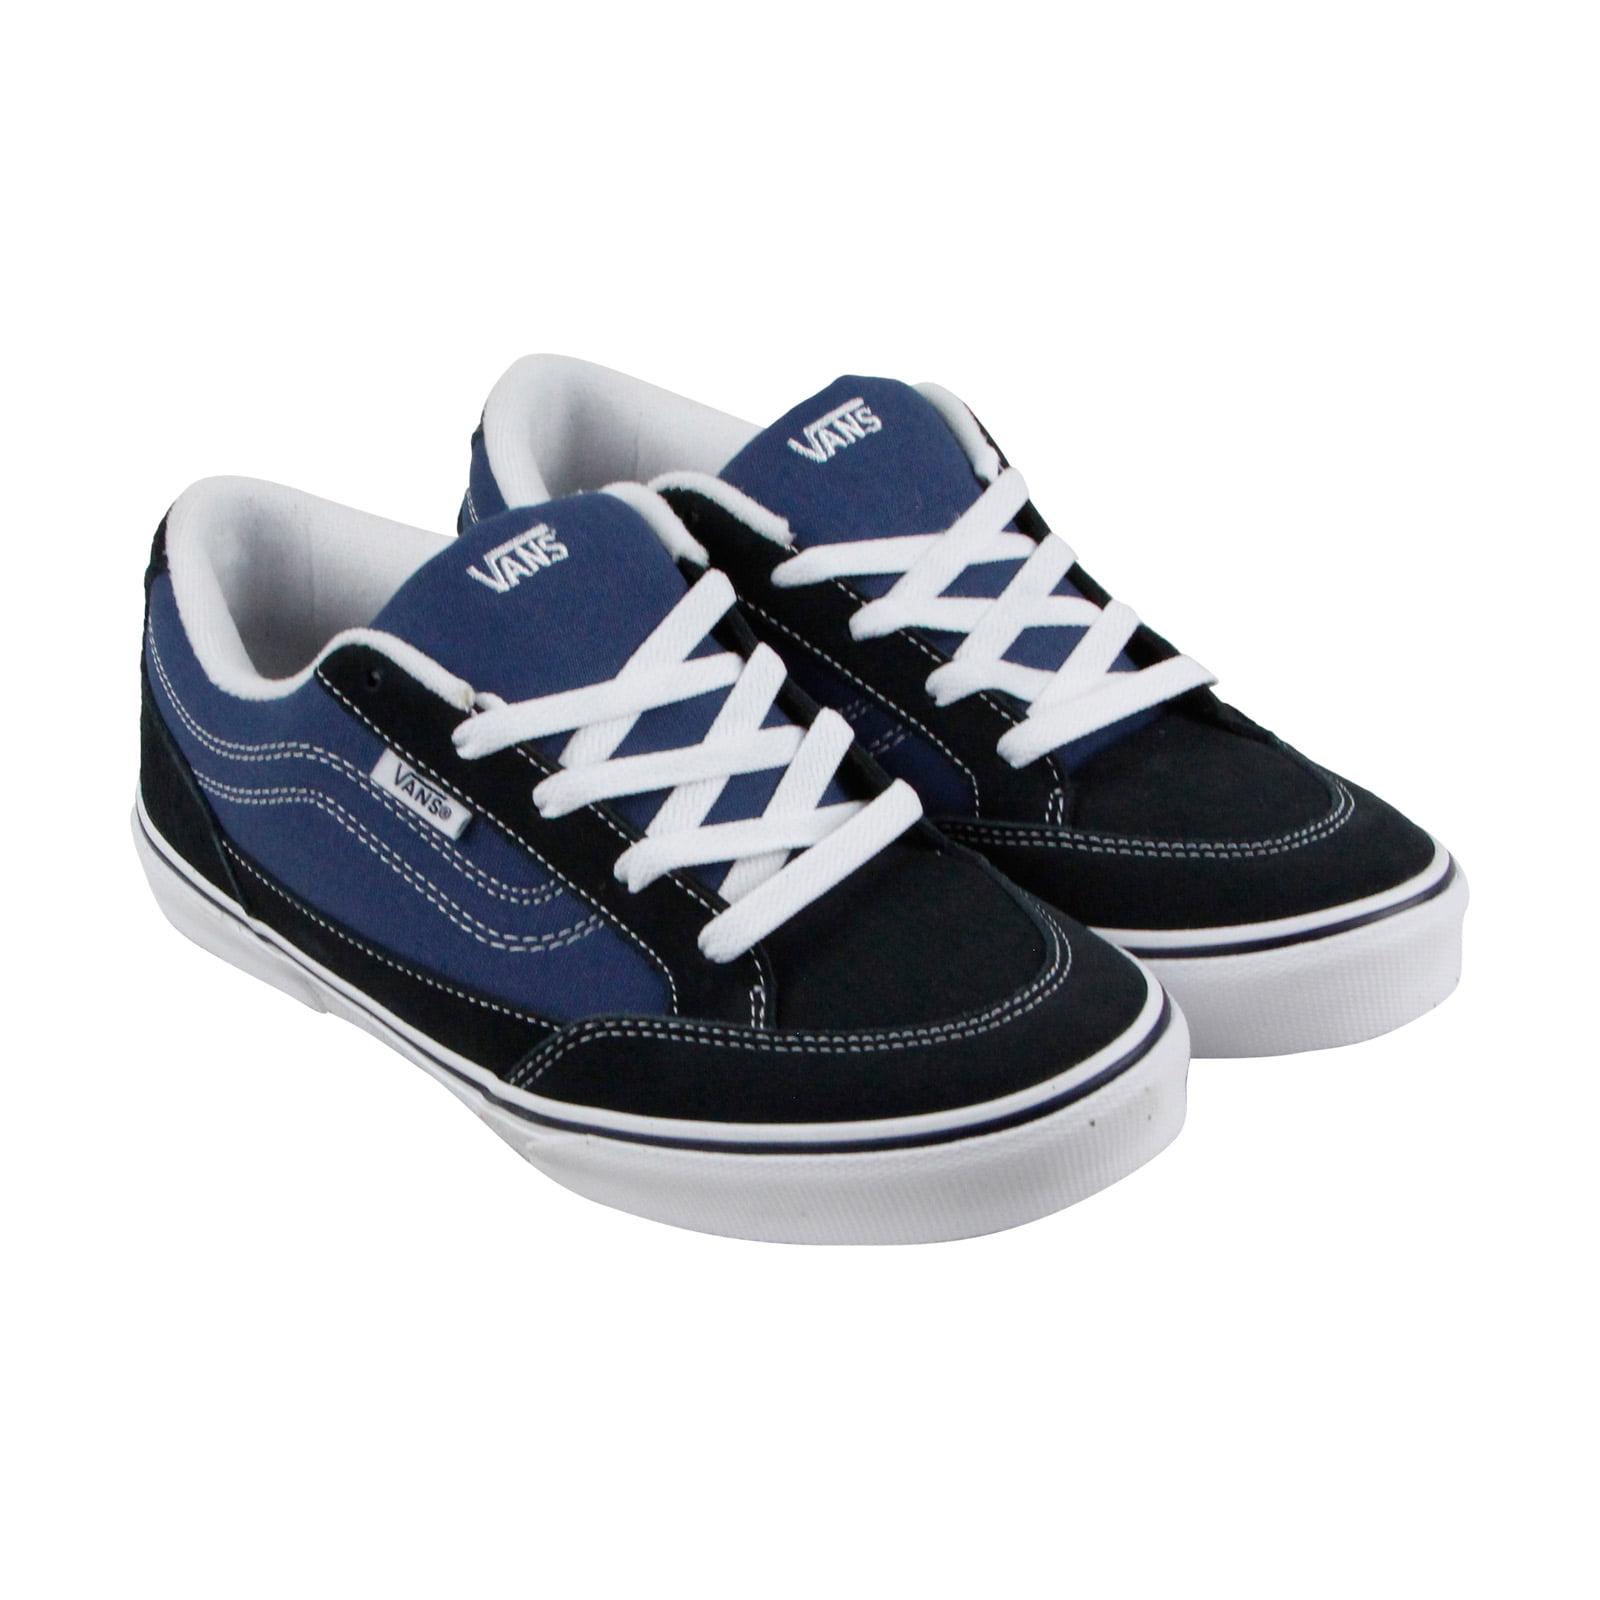 91817a77b59 Vans bearcat boys blue suede lace up sneakers shoes jpg 1600x1600 Vans  bearcat